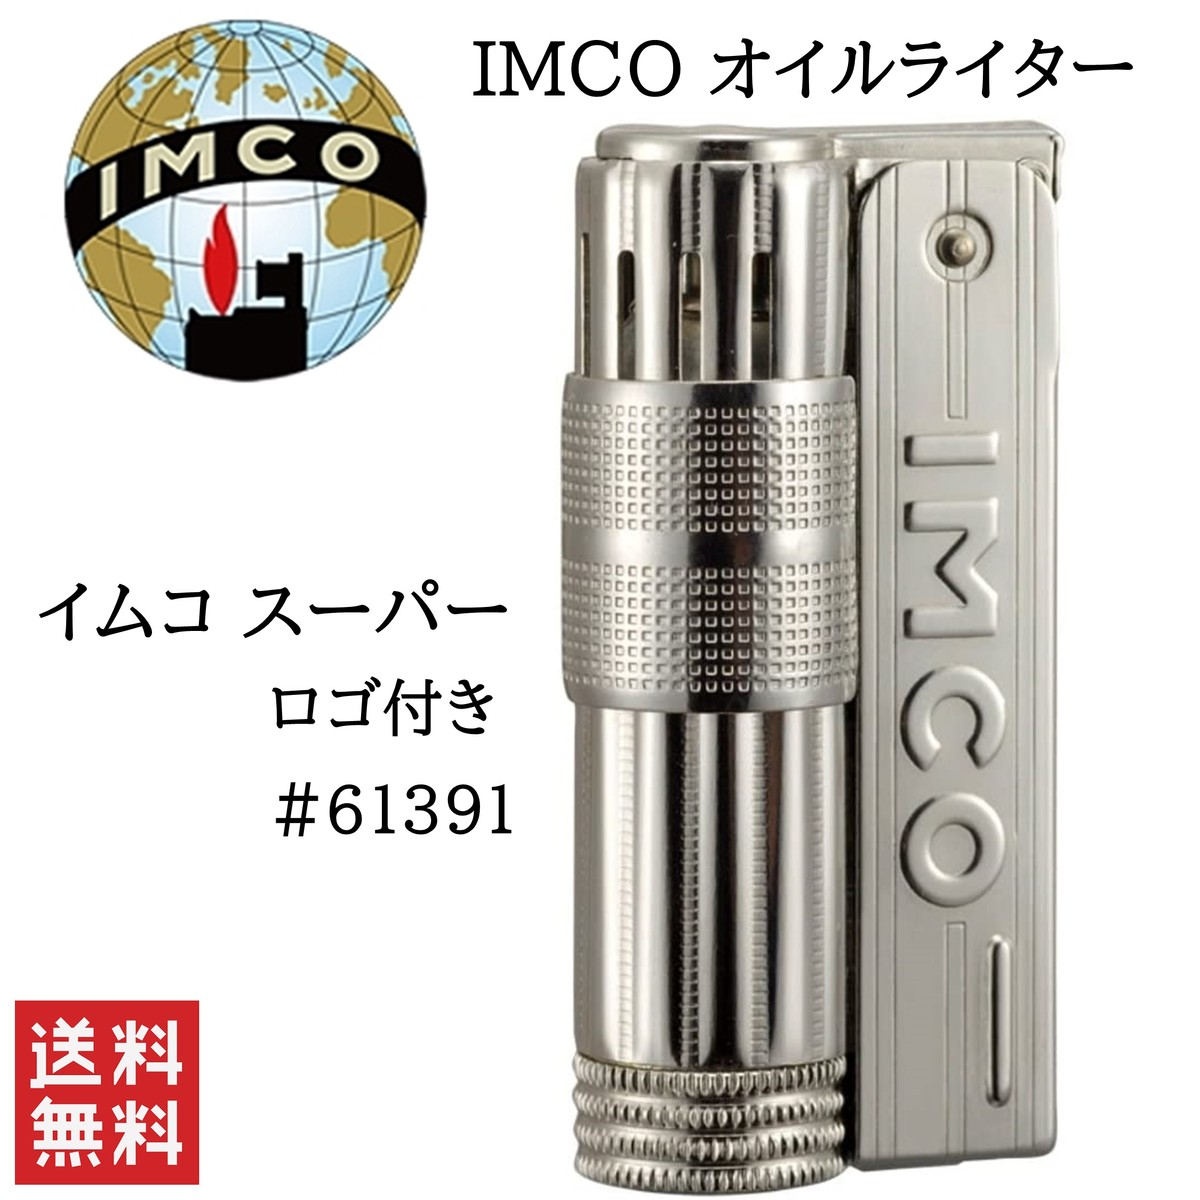 イムコ スーパー ロゴ付き #61391 IMCO ライター イムコ スーパー ロゴ付き 喫煙具 柘製作所 フリント式 オイルライター #61391